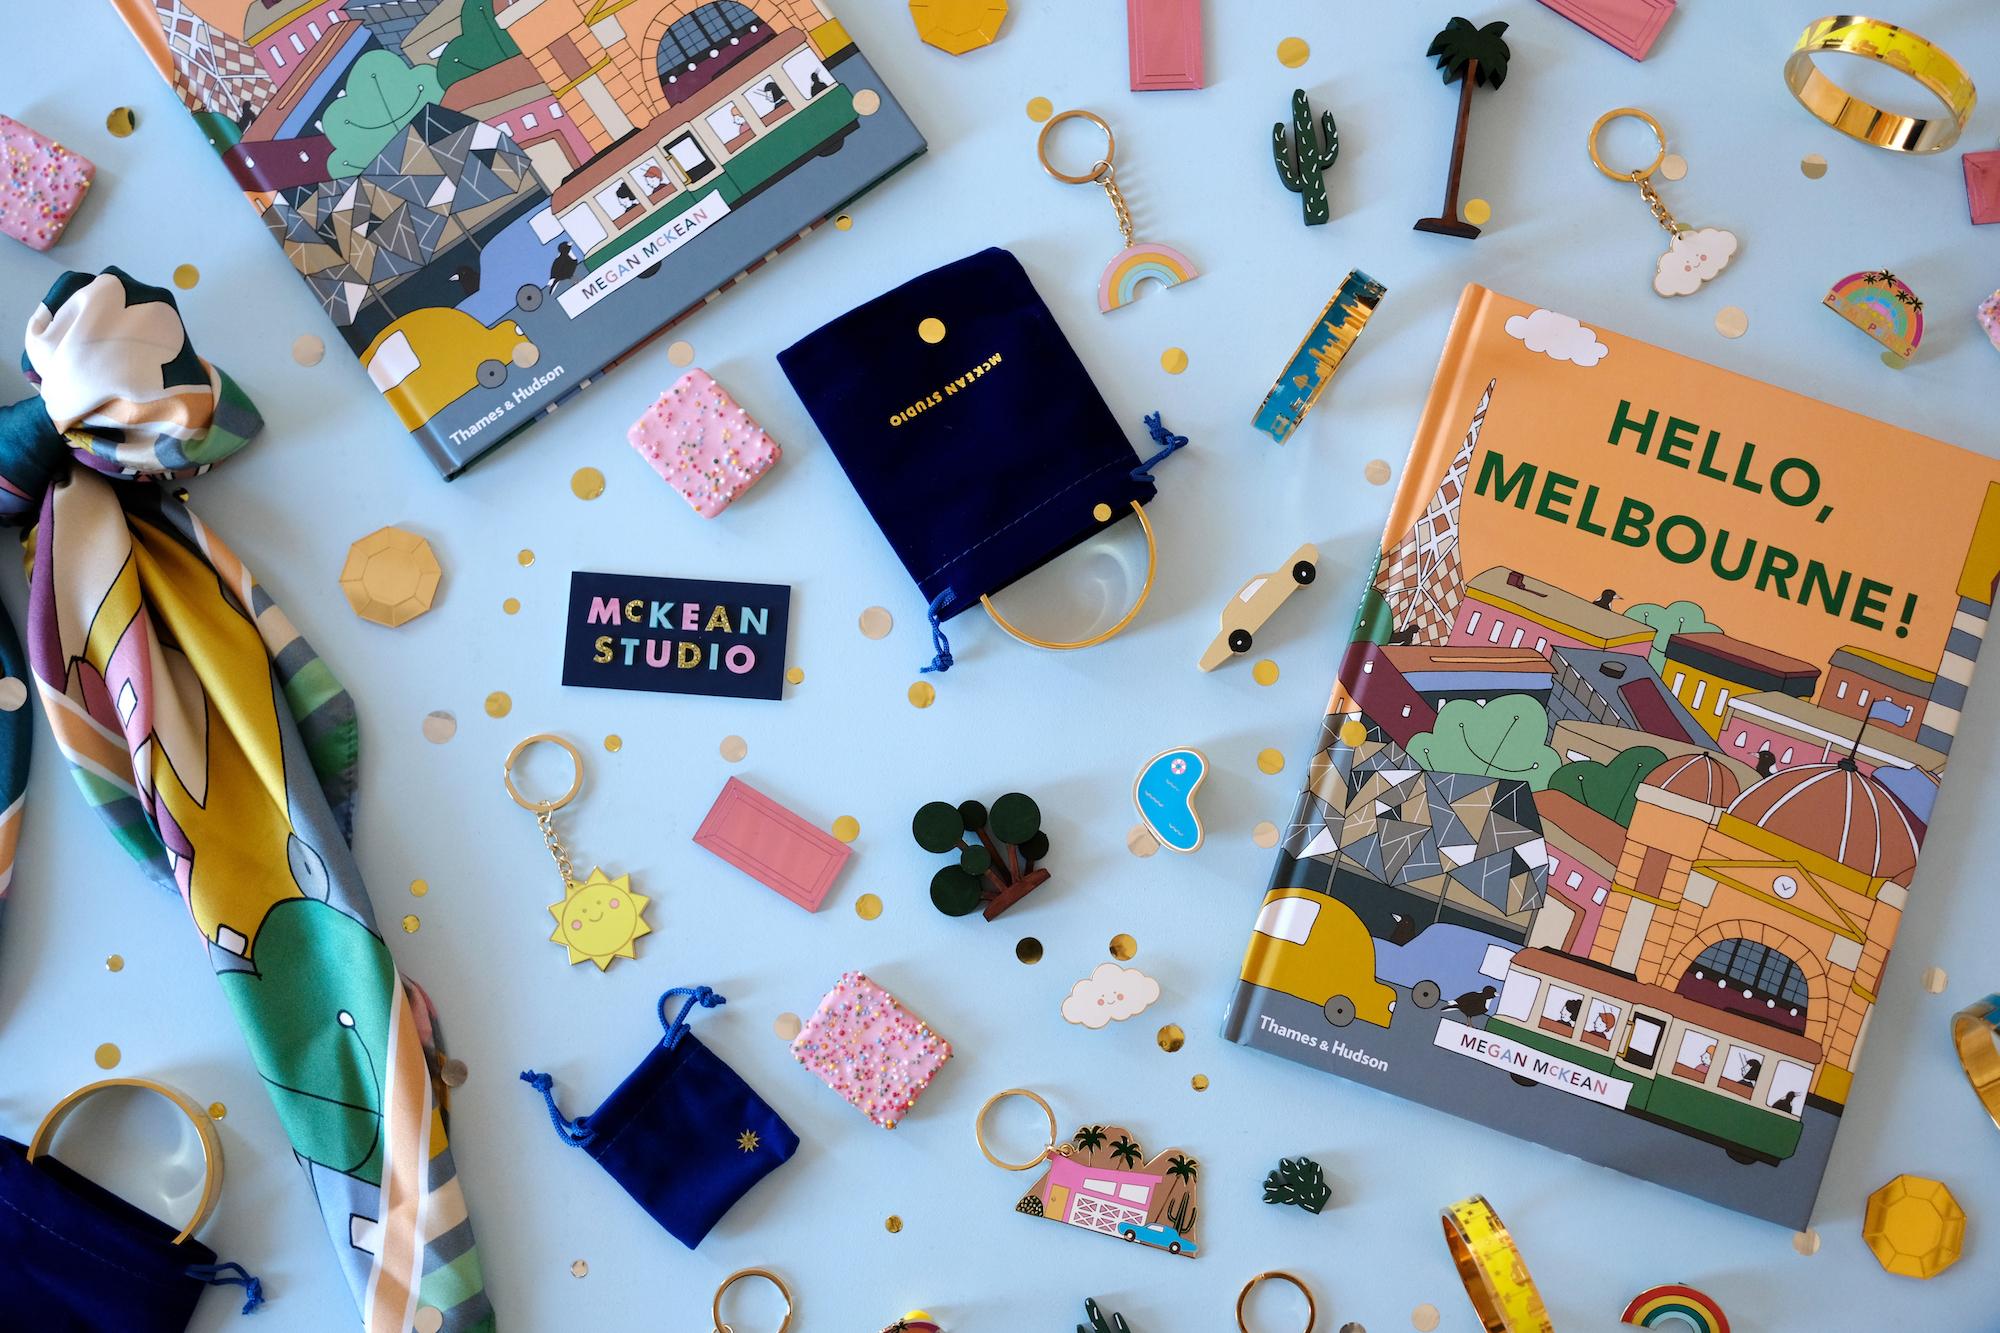 mckeanstudio_birthday_4.JPG